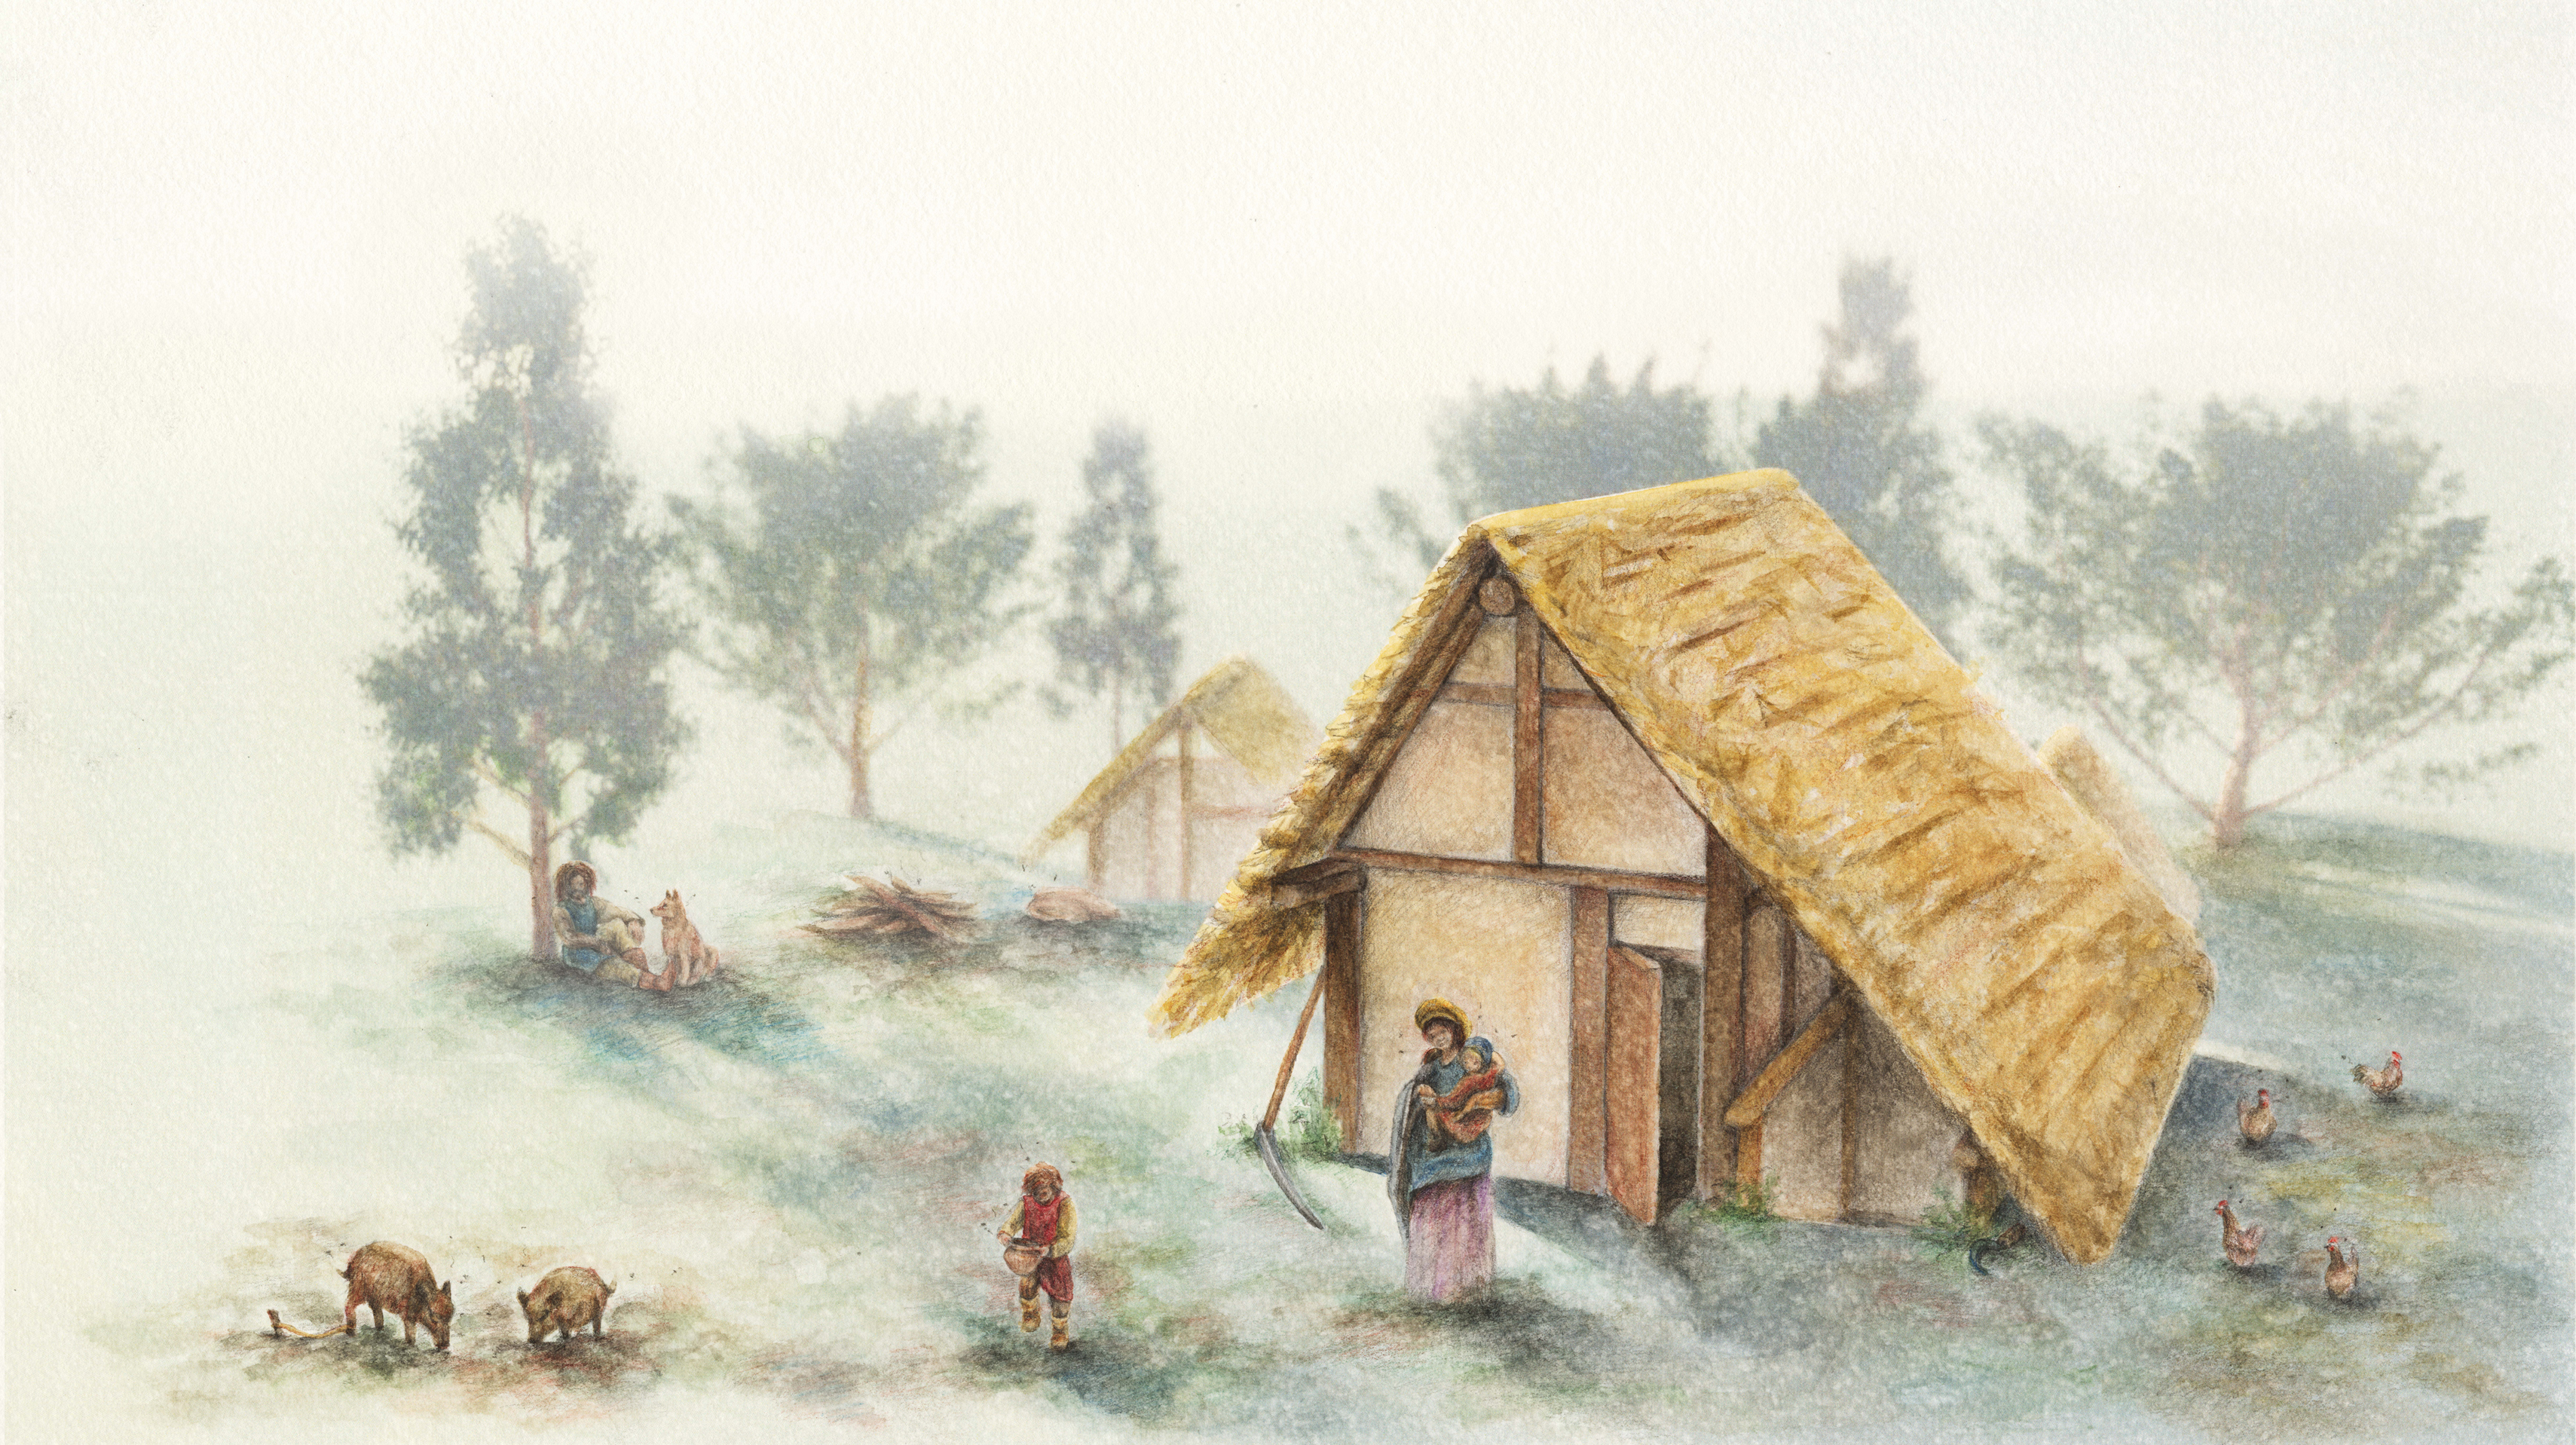 Zeichnung eines frühmittelalterlichen Hauses.